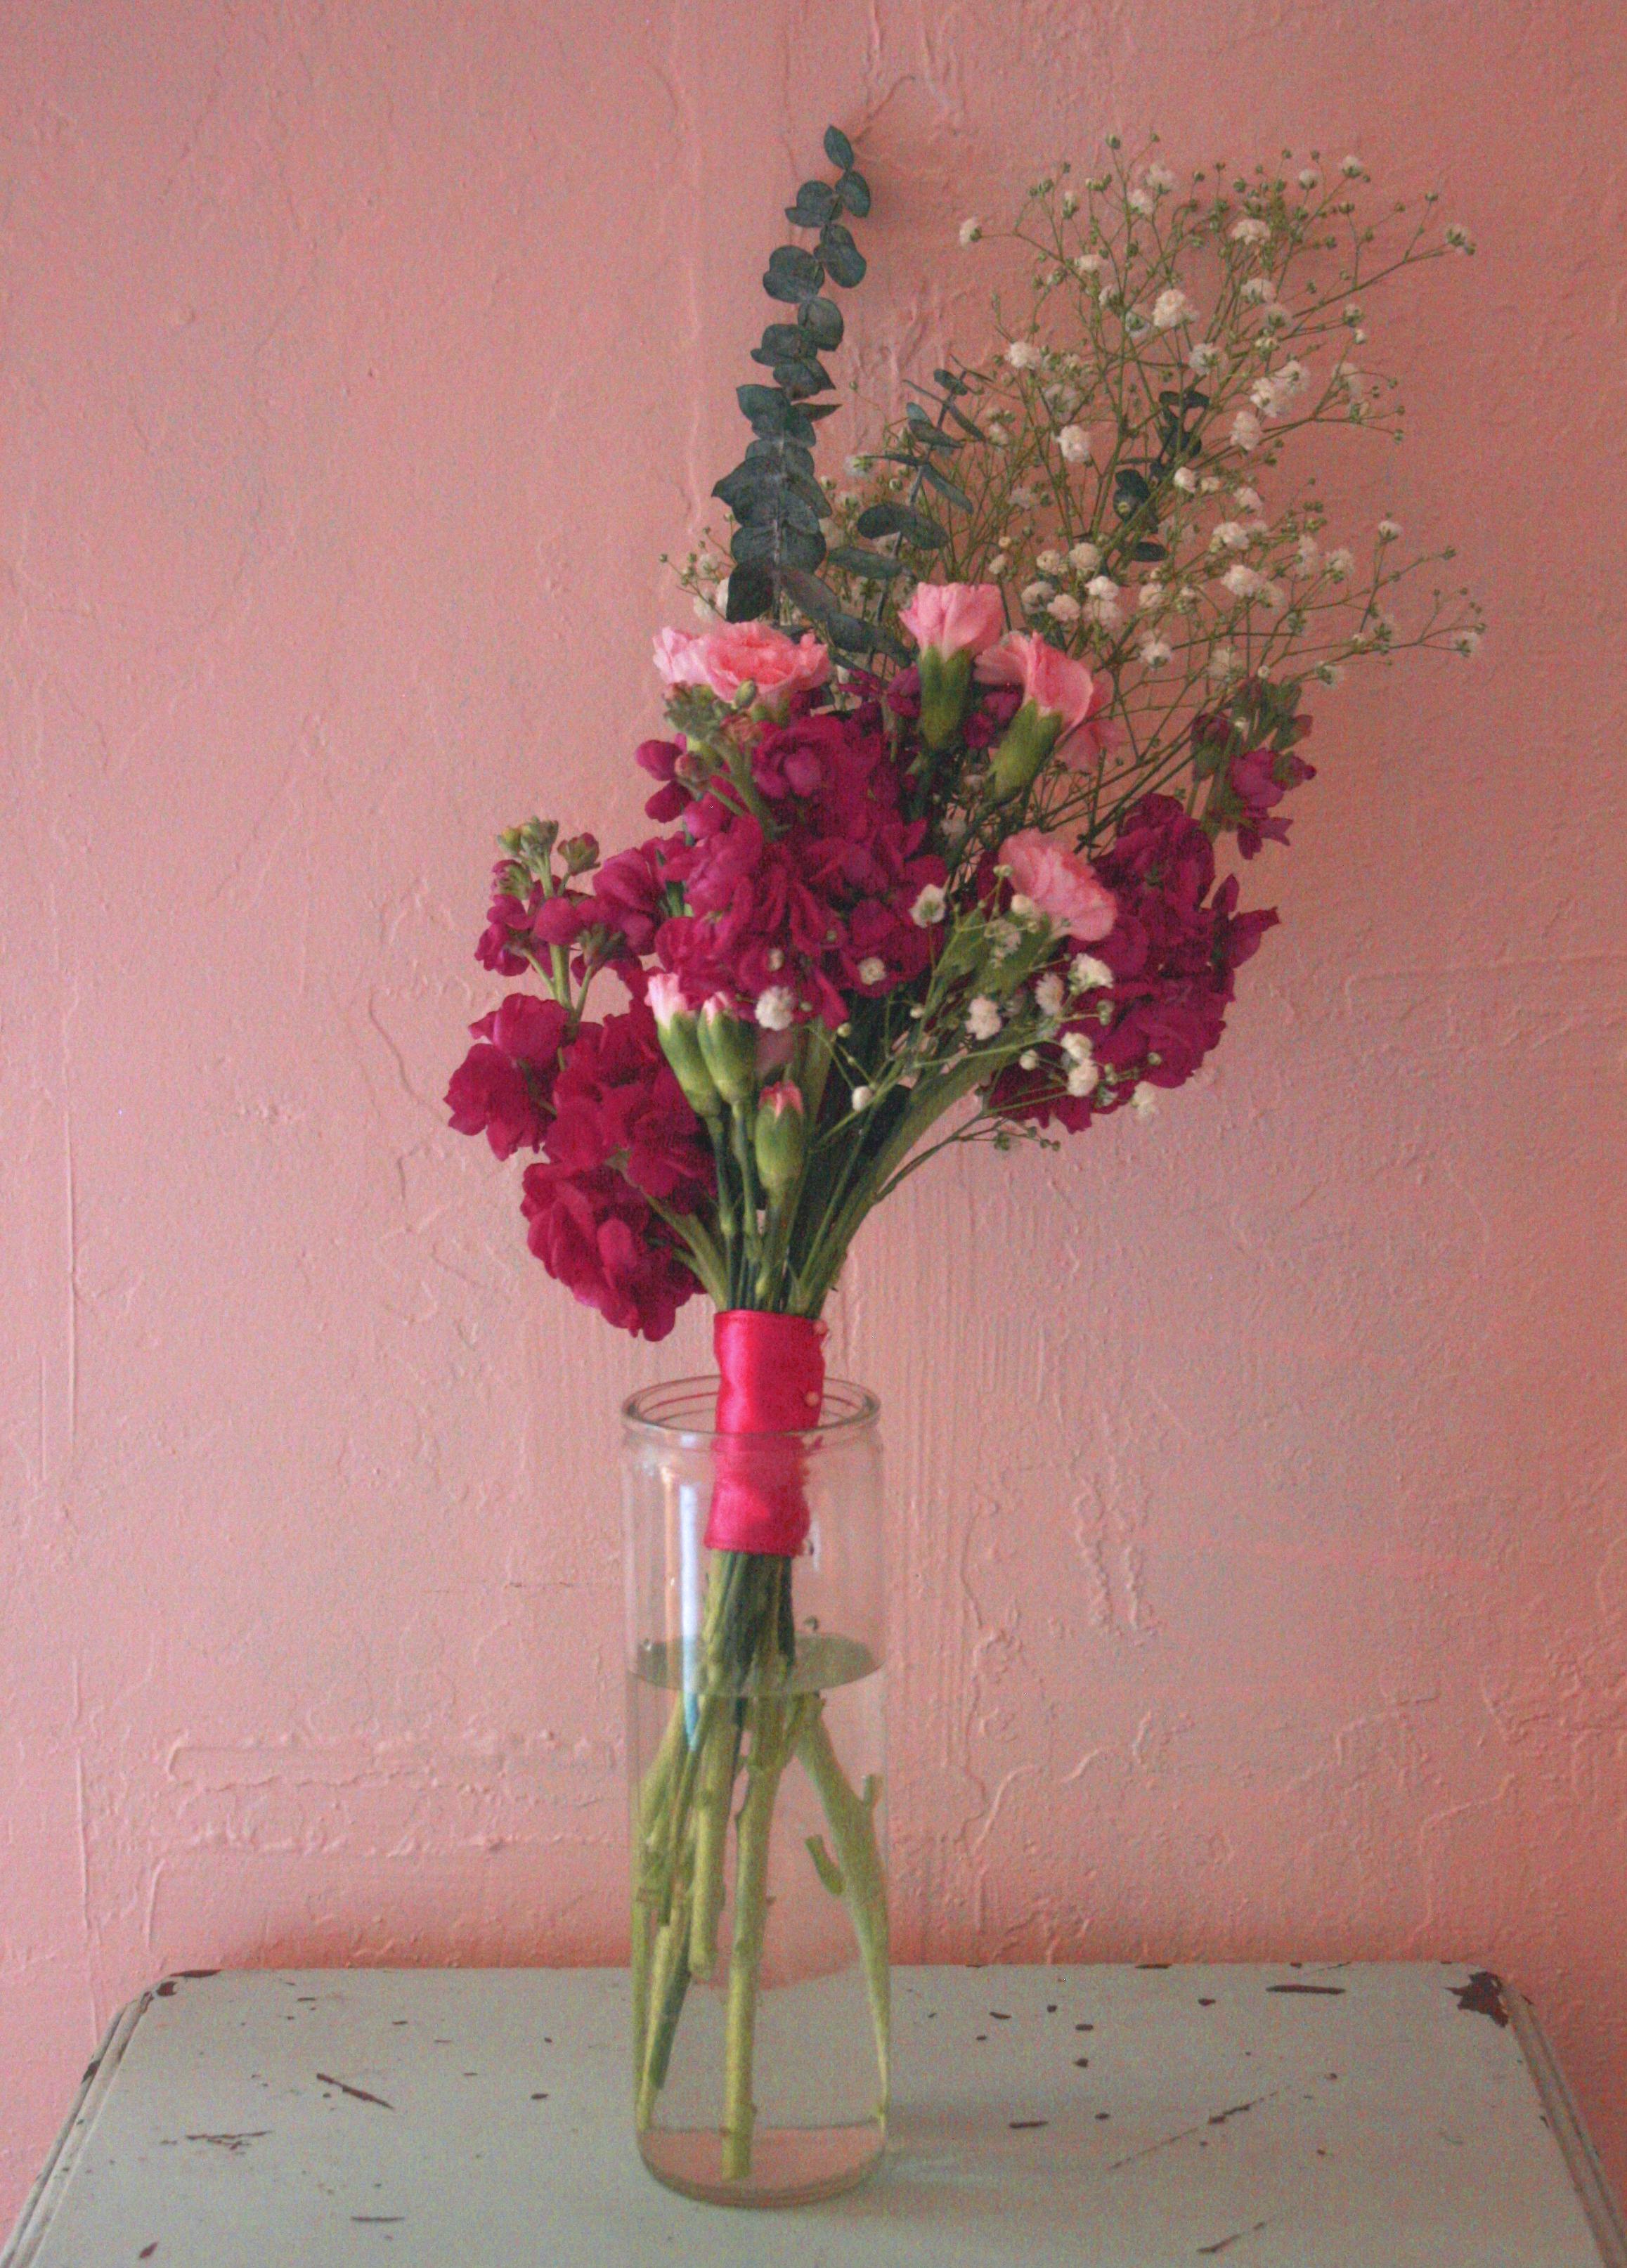 flowers3 copy.jpg